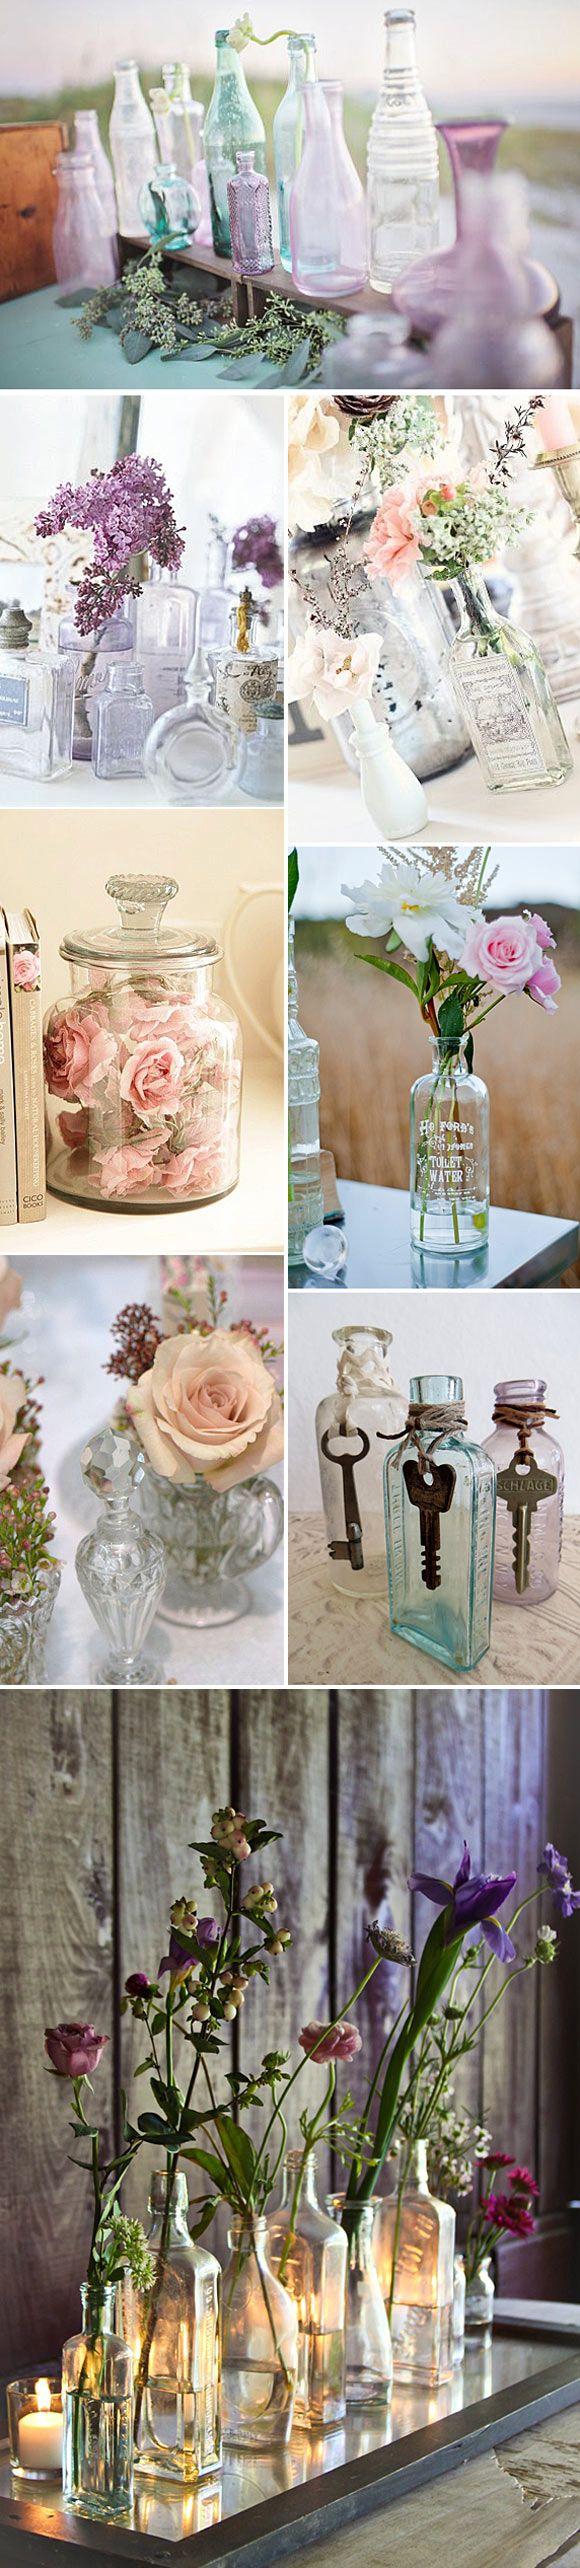 Decoración con botellas de cristal vintage